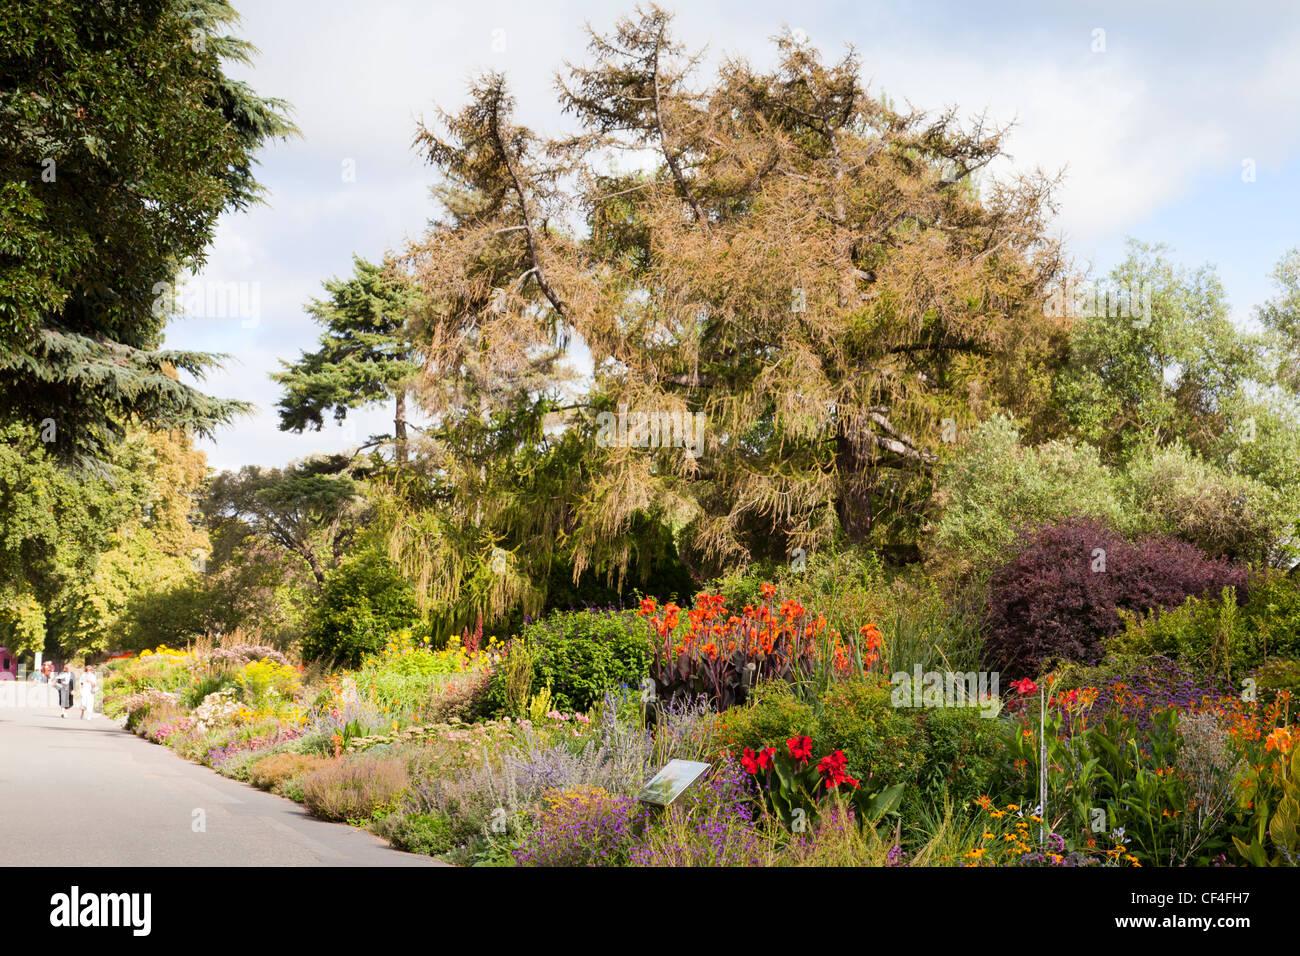 Die krautigen Grenze Hagley Park, Christchurch, New Zealand, im Spätsommer. Stockbild